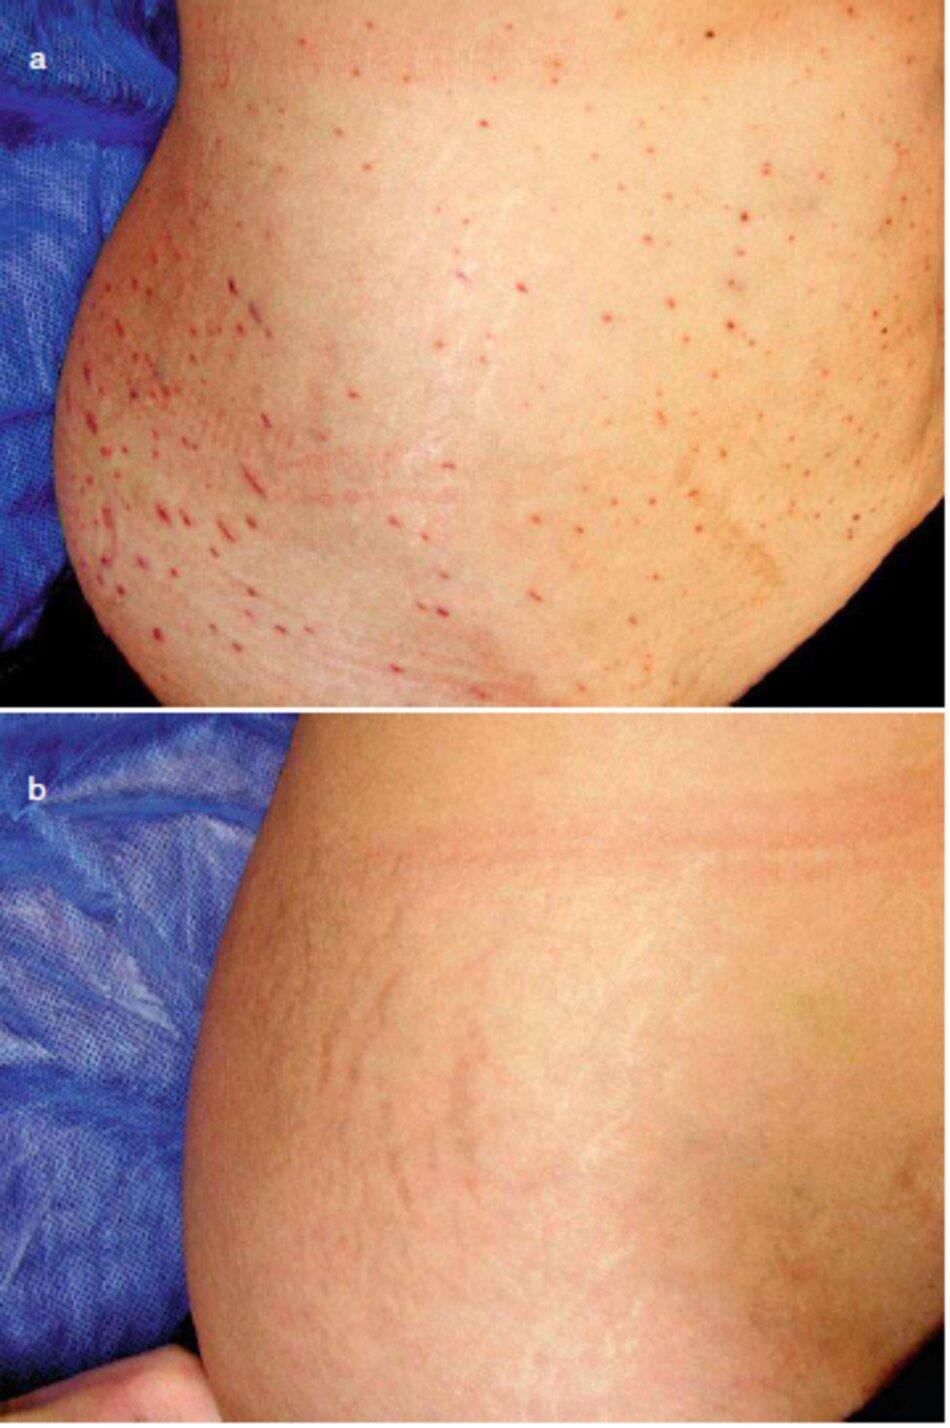 Fig. 1.101 Điều trị Mesotherapy của vết rạn da vùng sườn hòng, (a) Trong quá trình điều chỉnh, (b) Hoàn thành thủ thuật